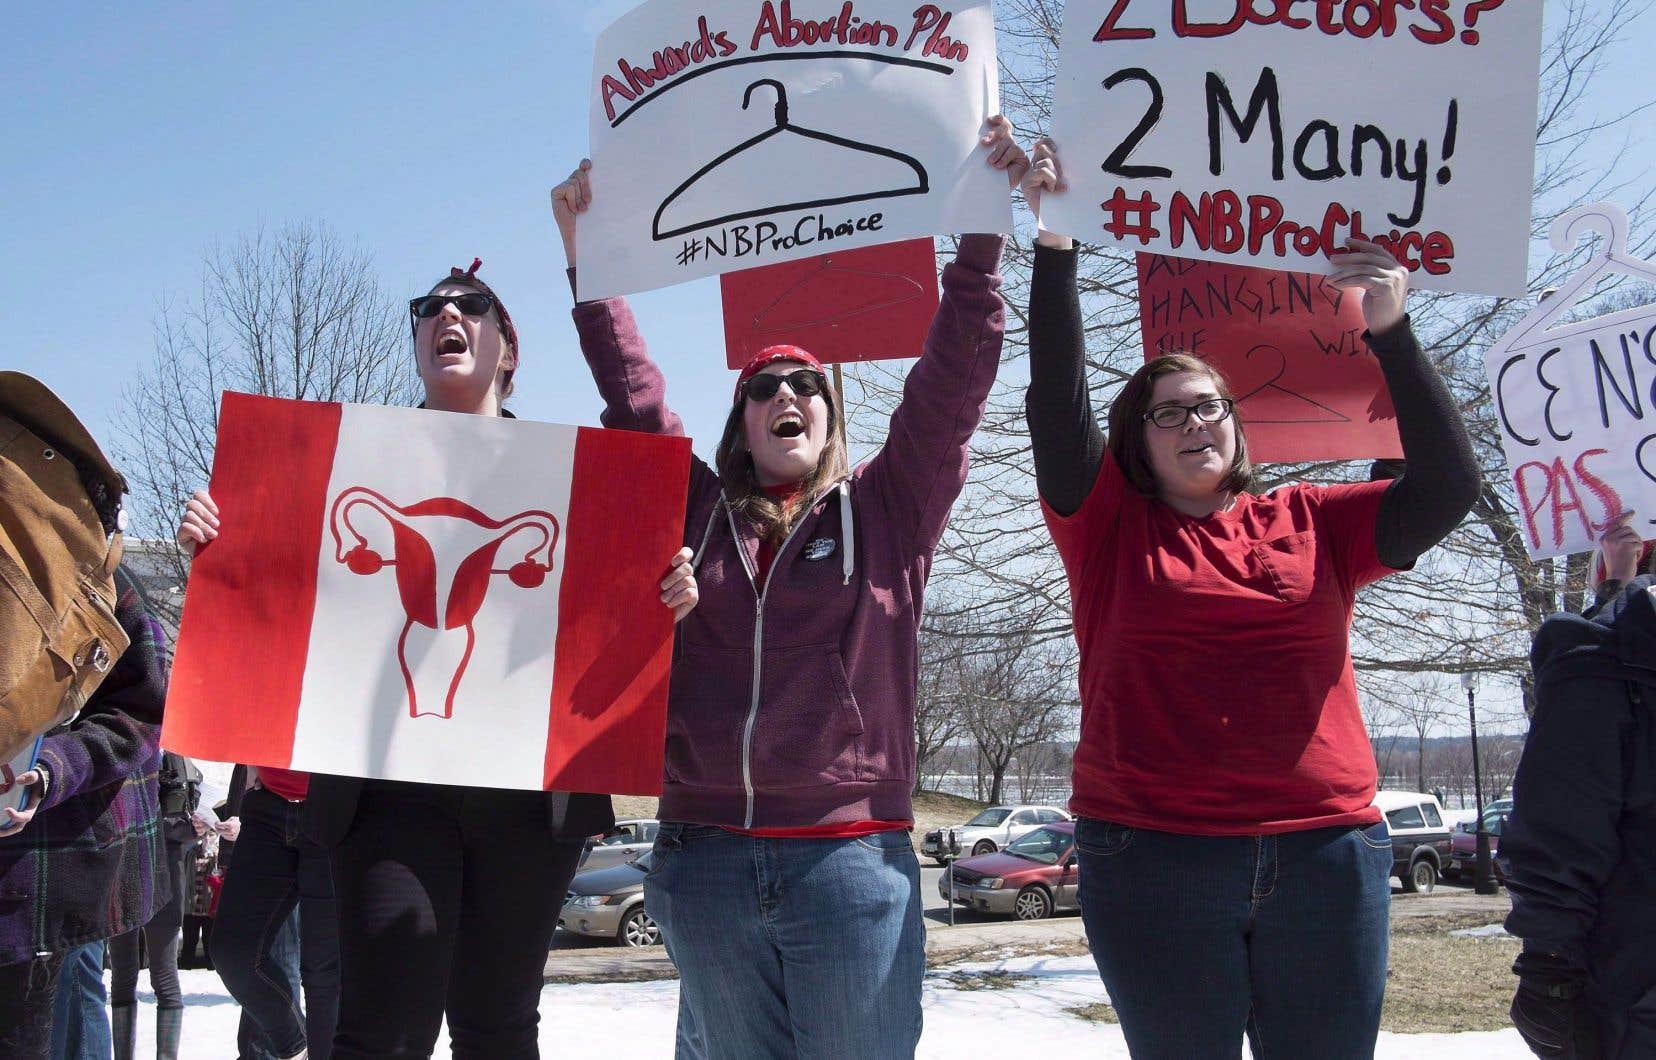 La question de l'avortement a joué un rôle de premier plan au cours de la récente campagne électorale fédérale. Aujourd'hui, les militants pro-choix attendent de voir si les libéraux respecteront leur engagement.